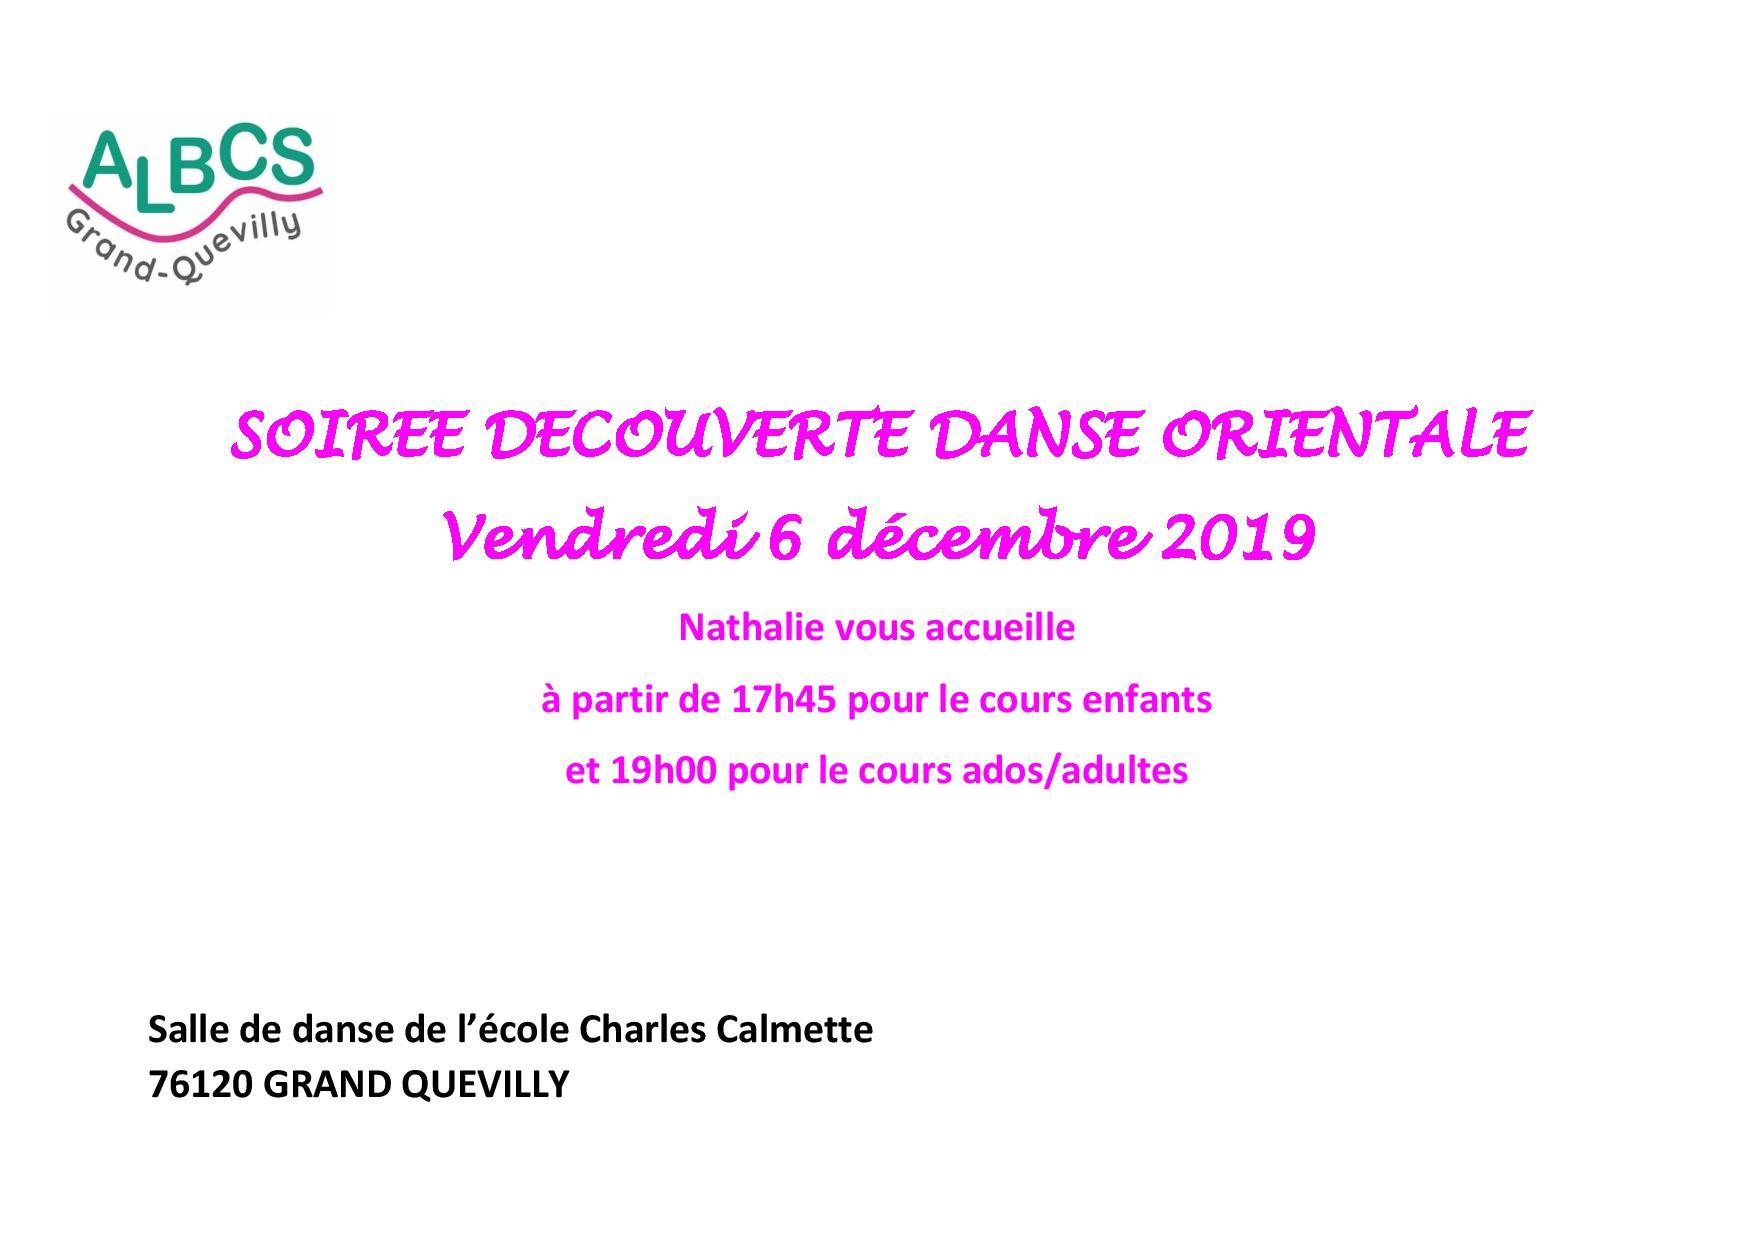 Vendredi 6 décembre soirée découverte danse orientale